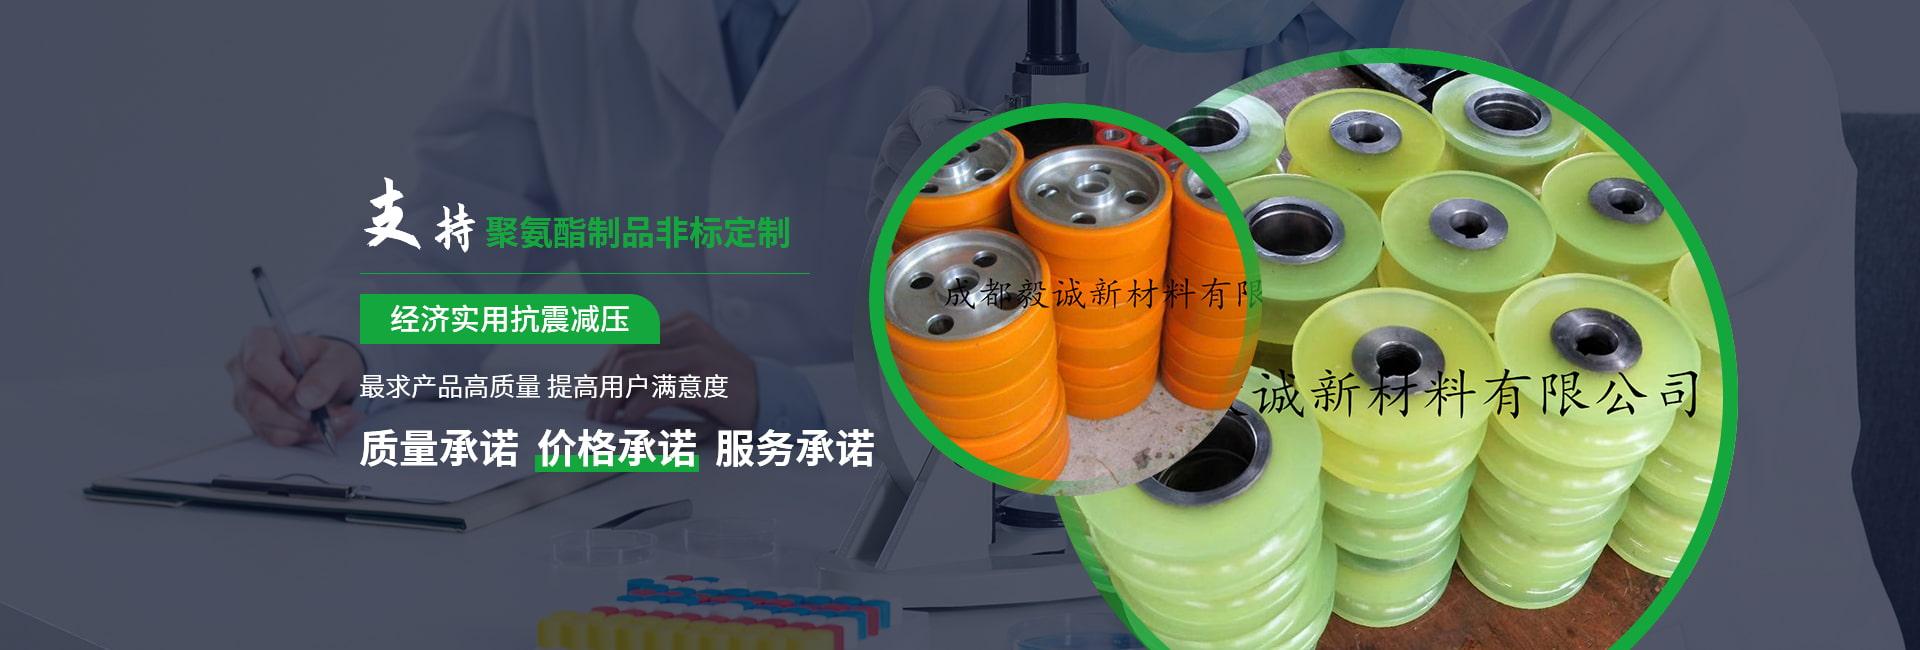 四川聚氨酯胶轮